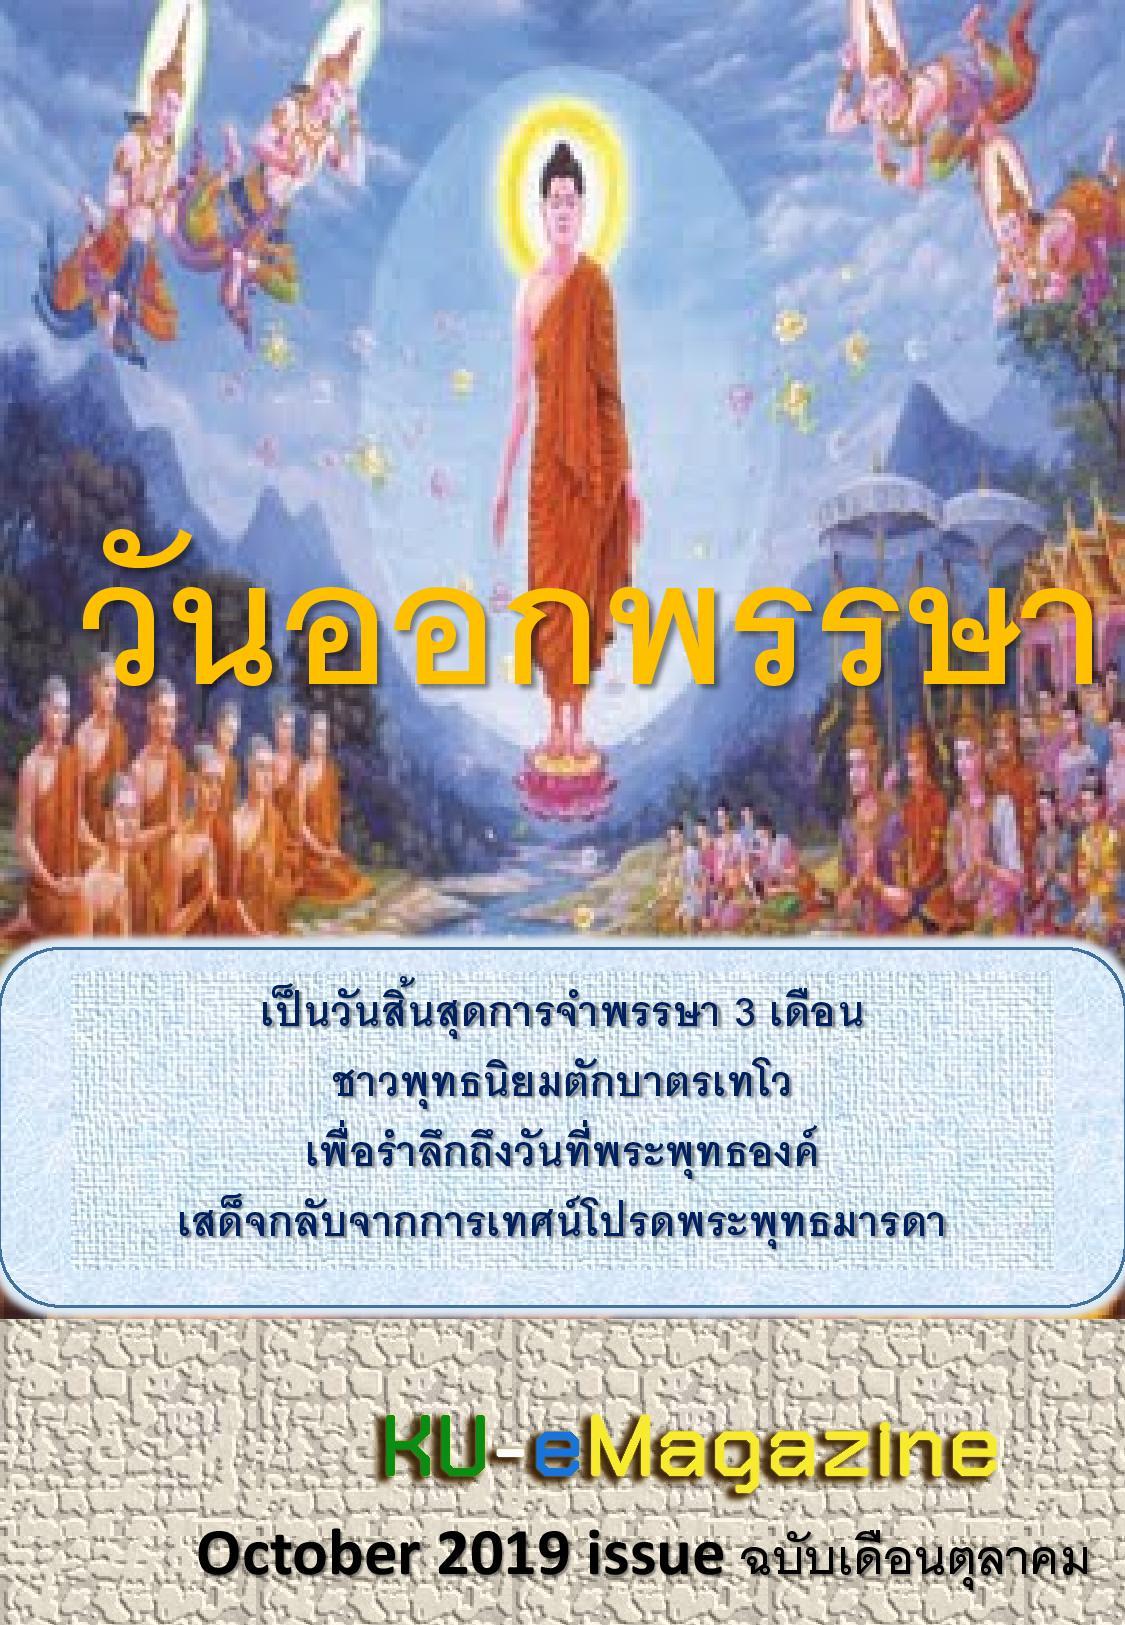 kuemagazine-october19-page-001